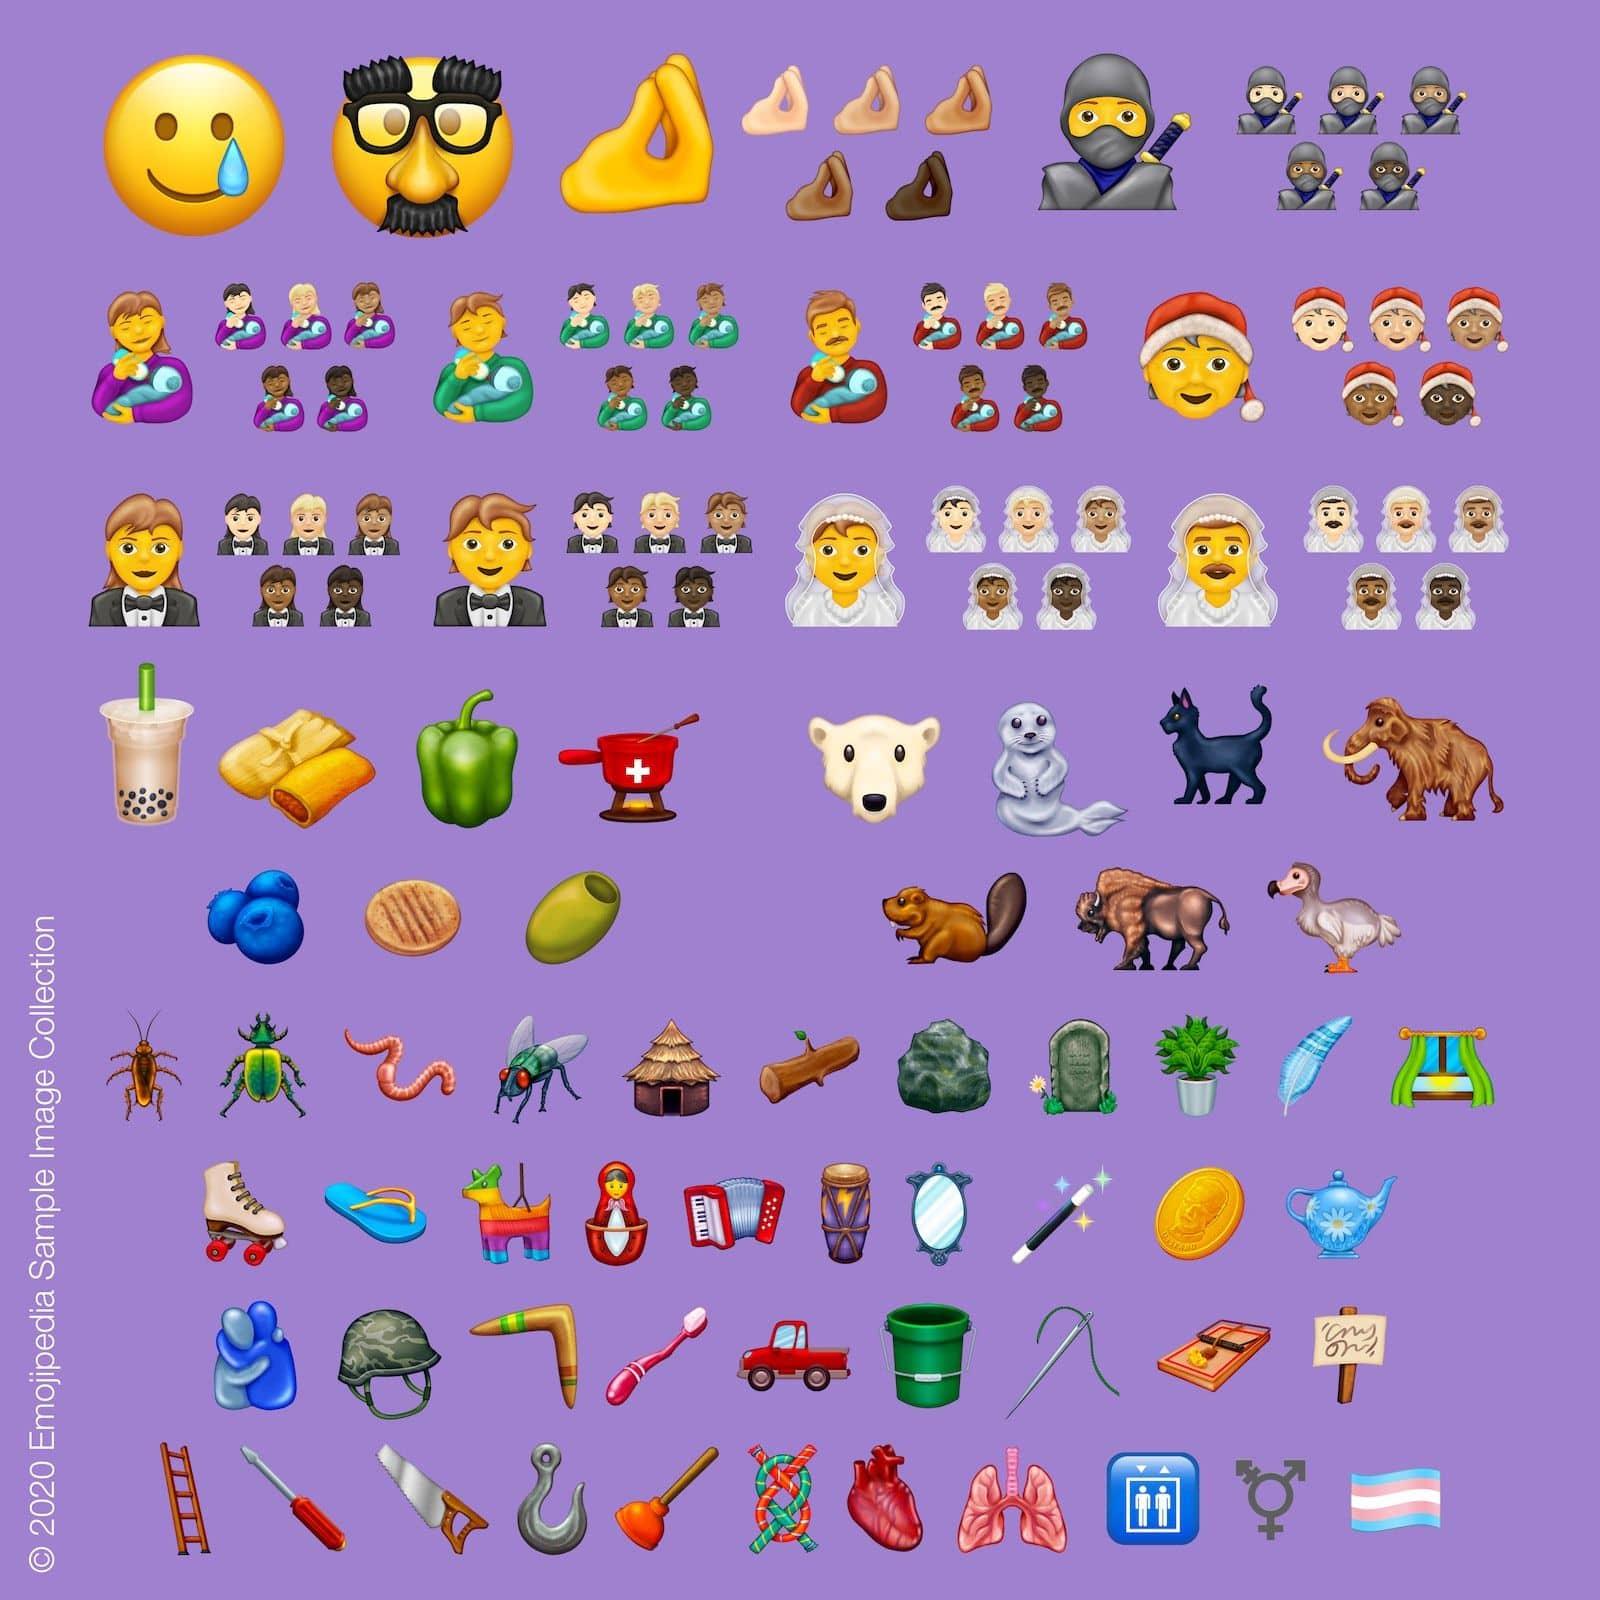 Illustration af emojis, der frigives i 2020, billede lånt fra Emojipedia.org (© Emojipedia).